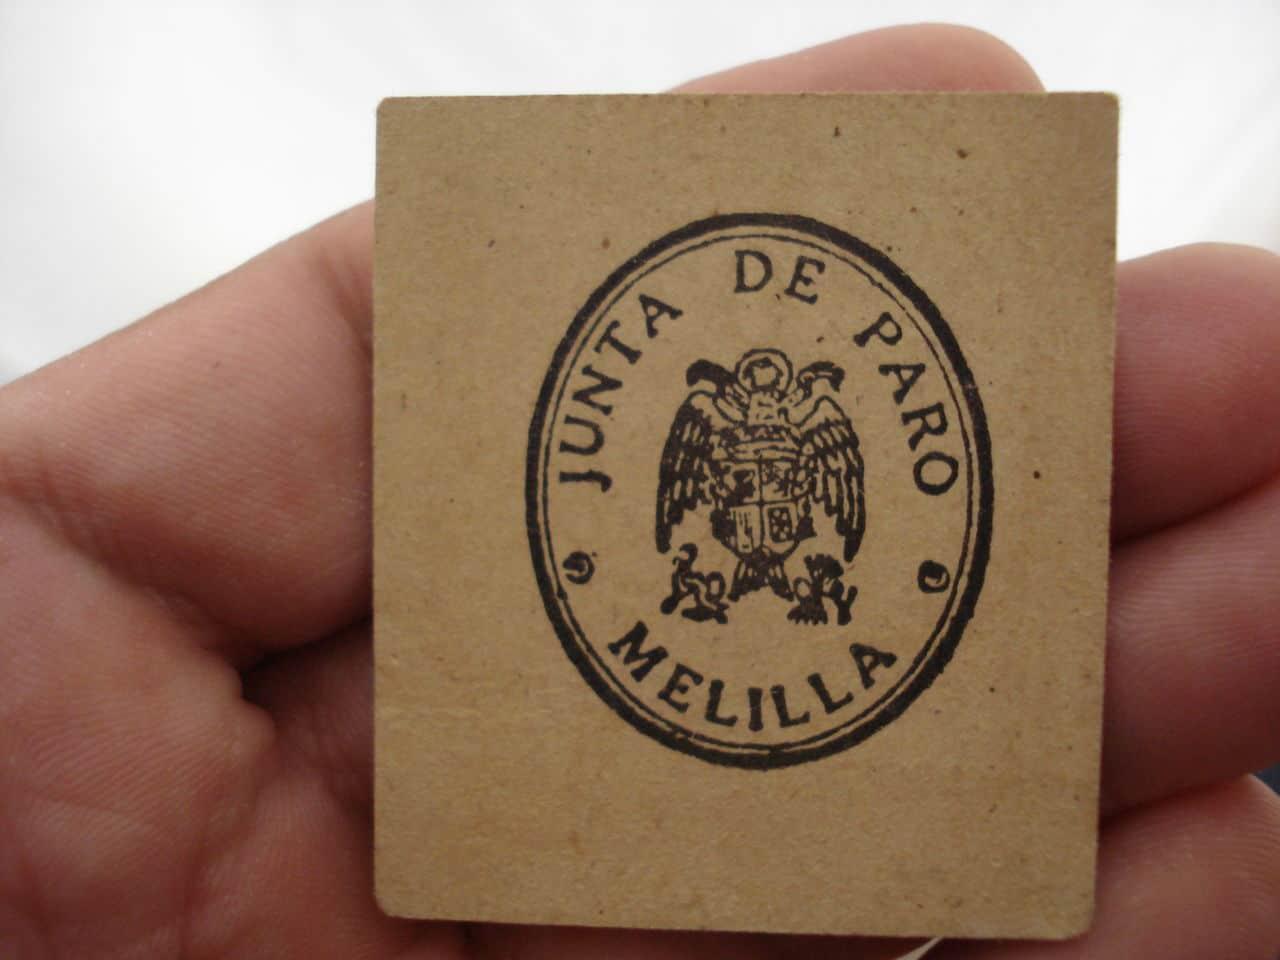 Junta de Paro Melilla (Información) DSC03413